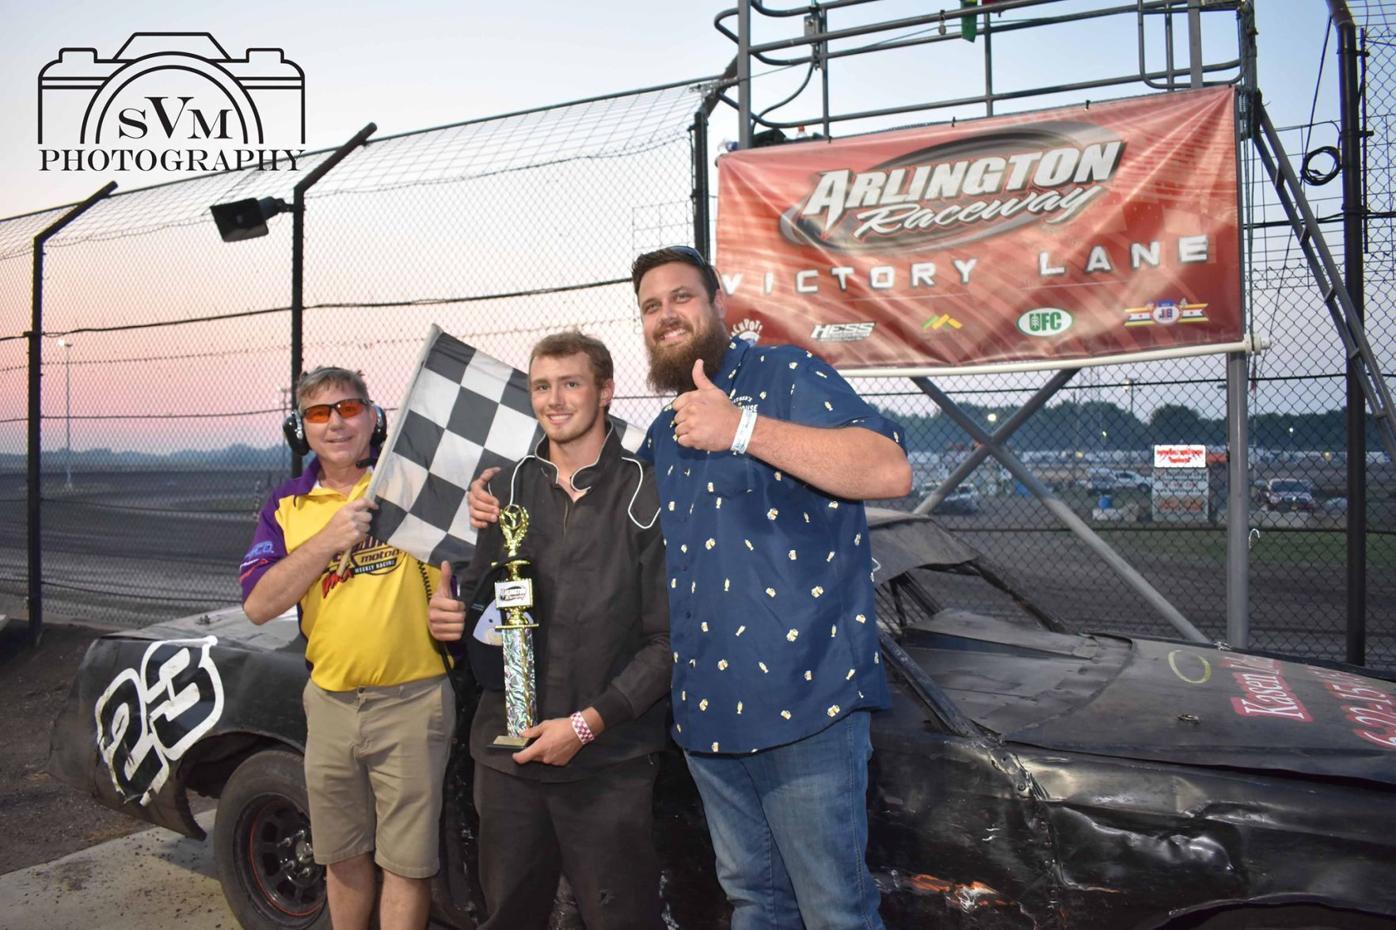 Eckblad Trucking IMCA Hobby Winner #23 Tayte Harazin